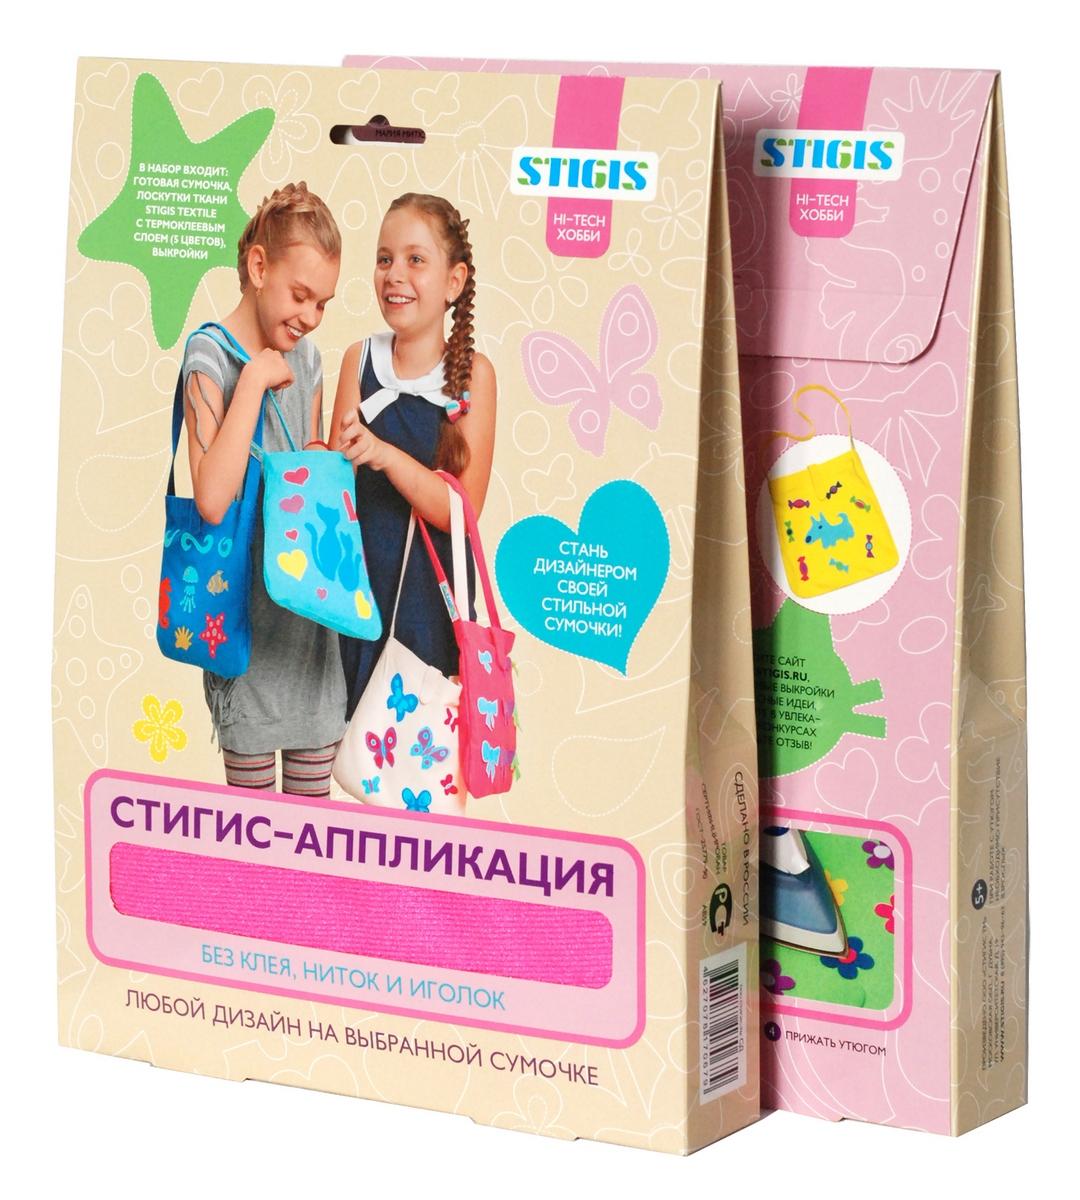 Stigis Набор для украшения сумочки Стигис-аппликация цвет розовый